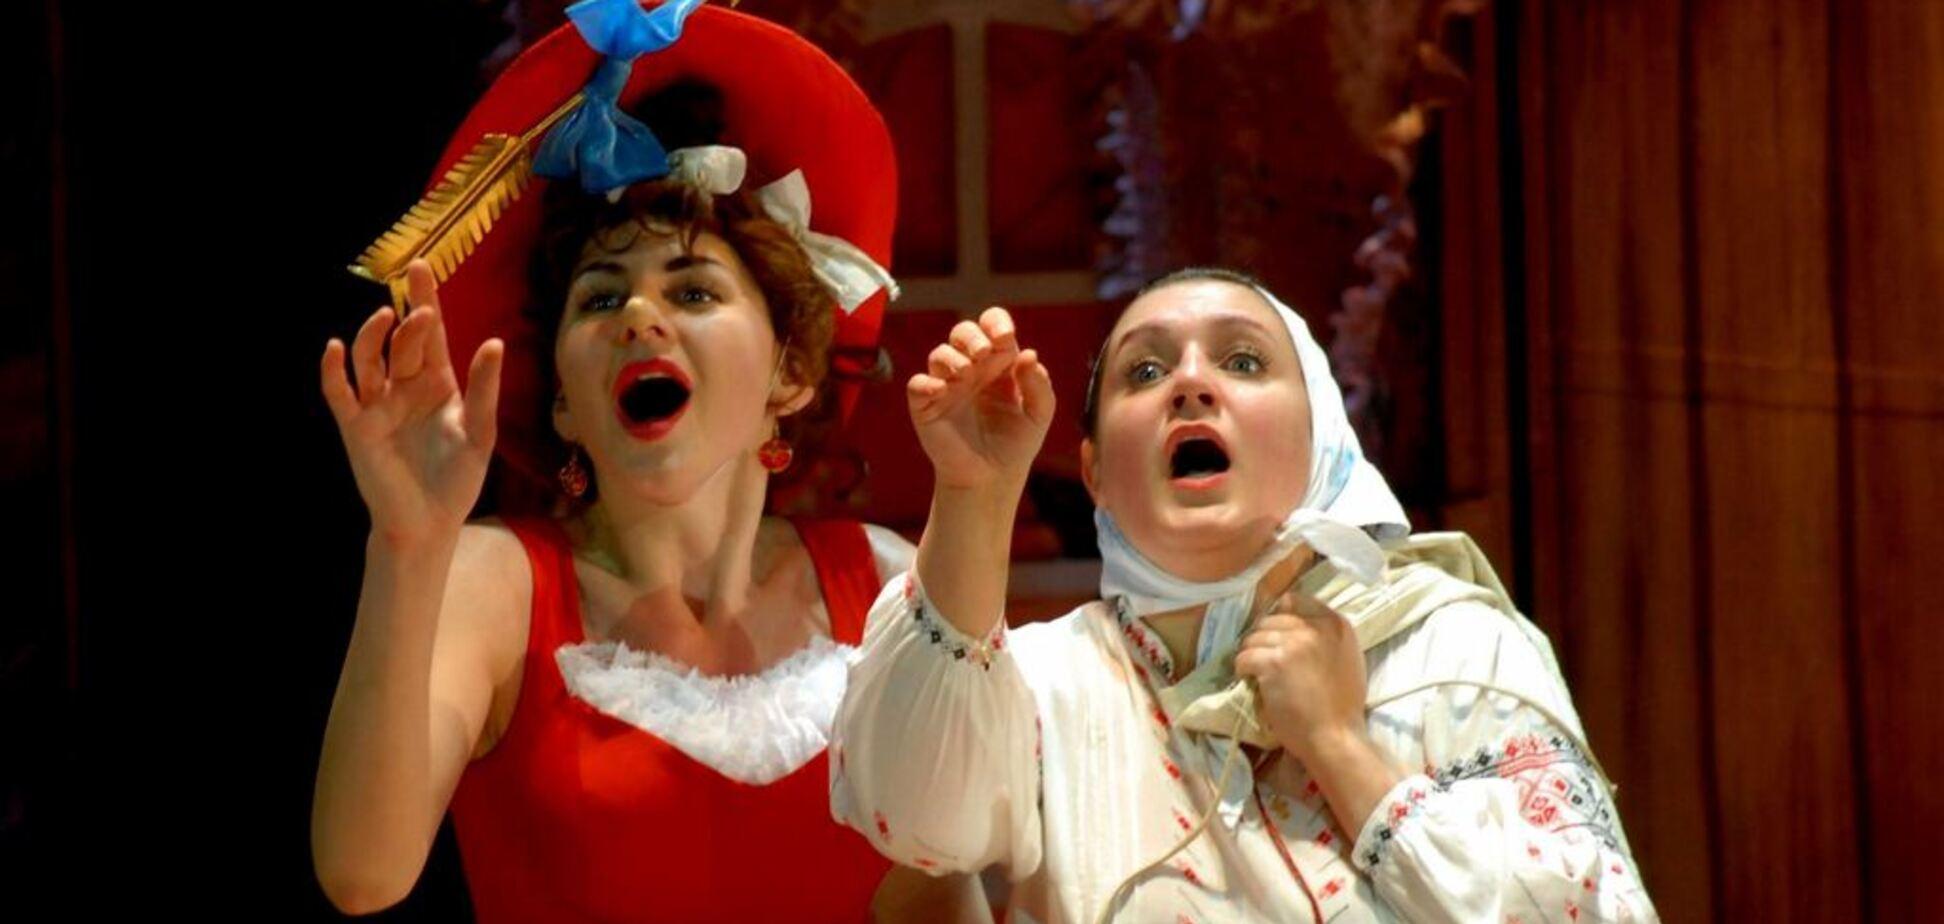 22 вересня в Консерваторії покажуть мюзикл 'За двома зайцями' від Національної оперети